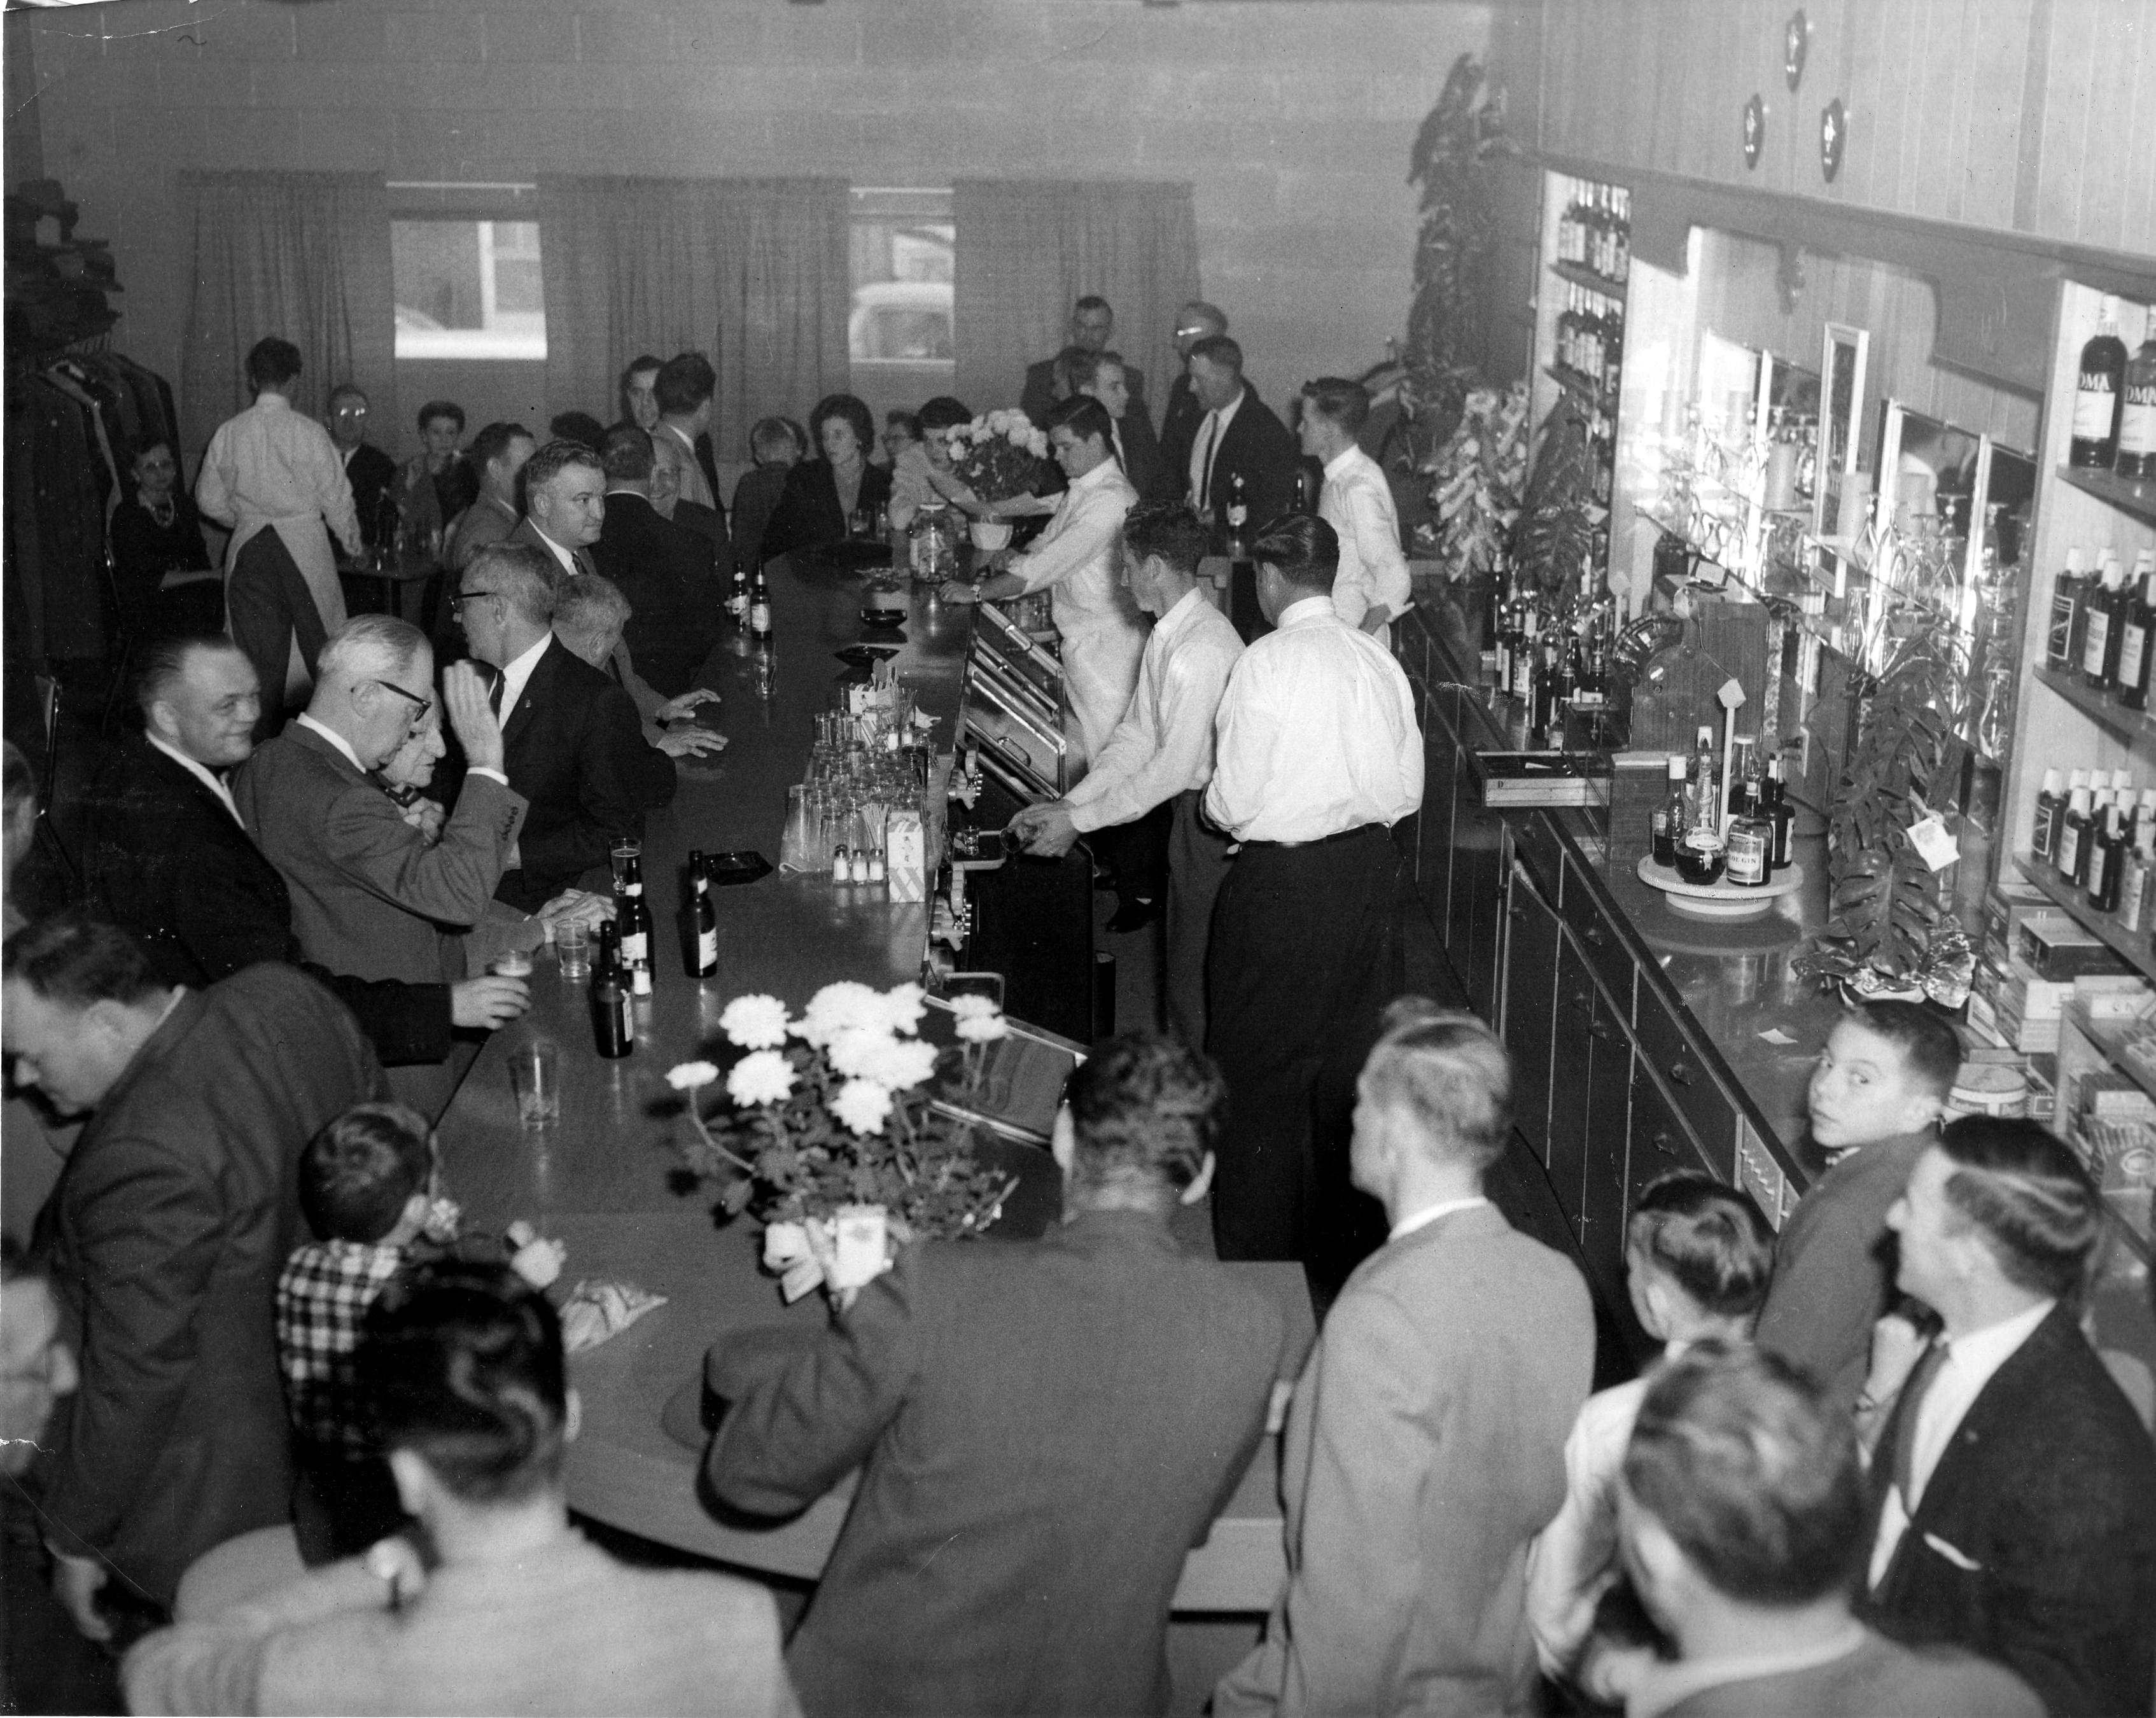 OLD KC HALL BAR ROOM circa 1963